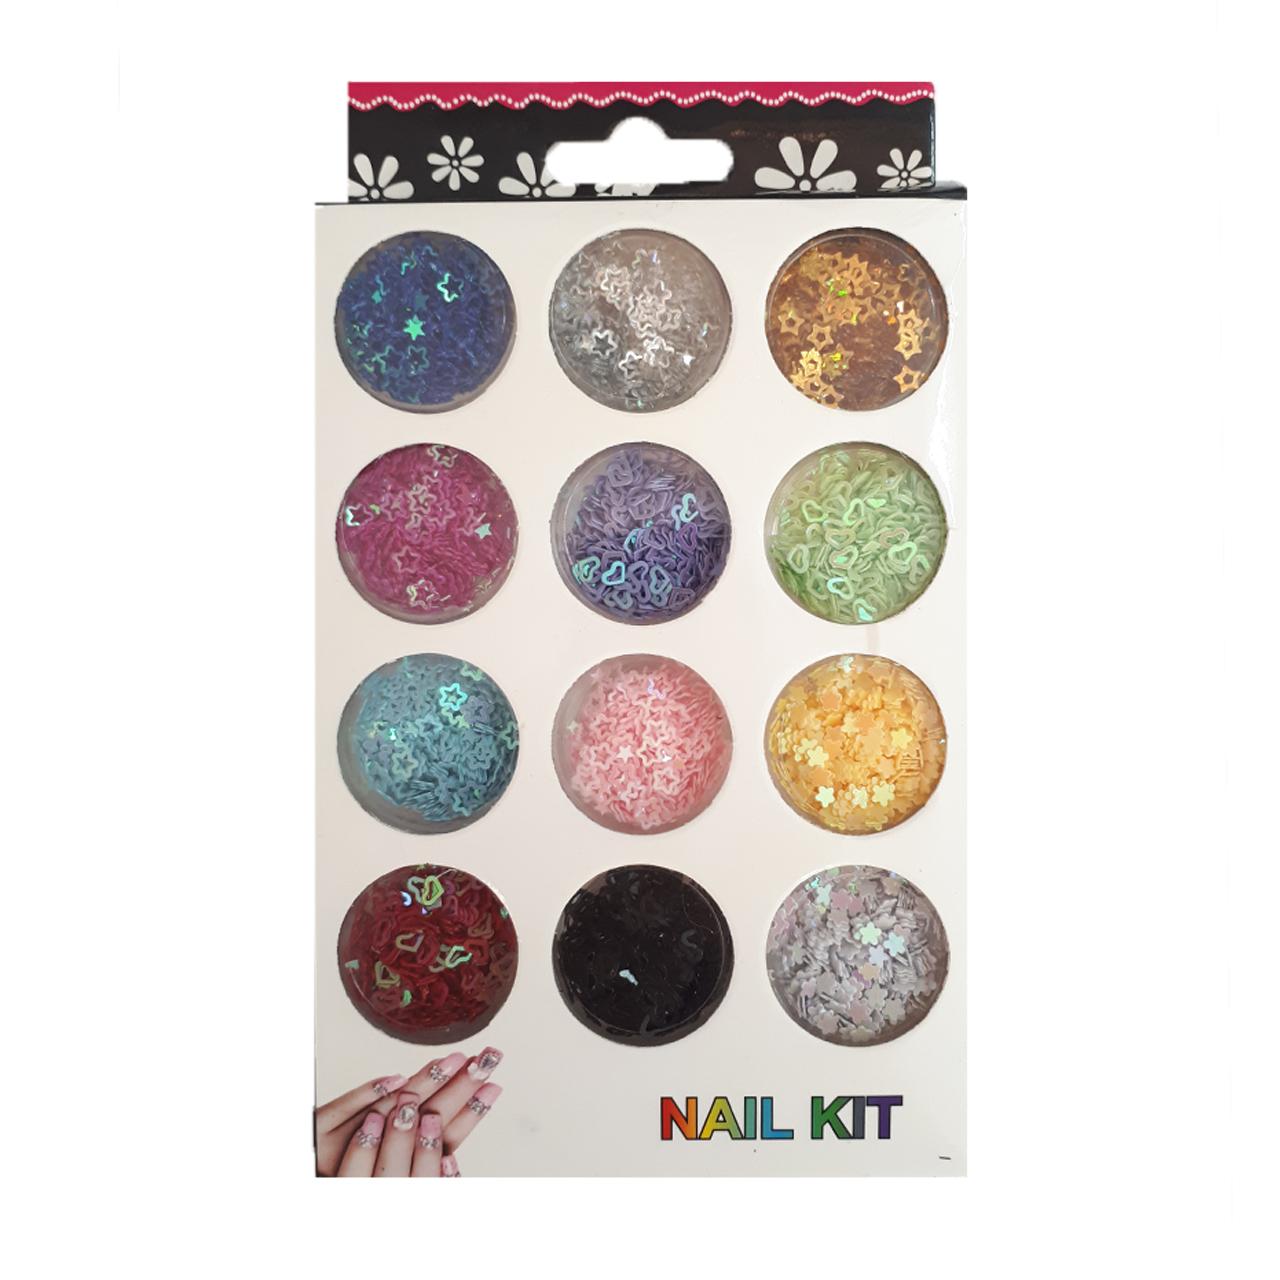 پک تزئین ناخن مدل Nail Kit مجموعه 12 عددی